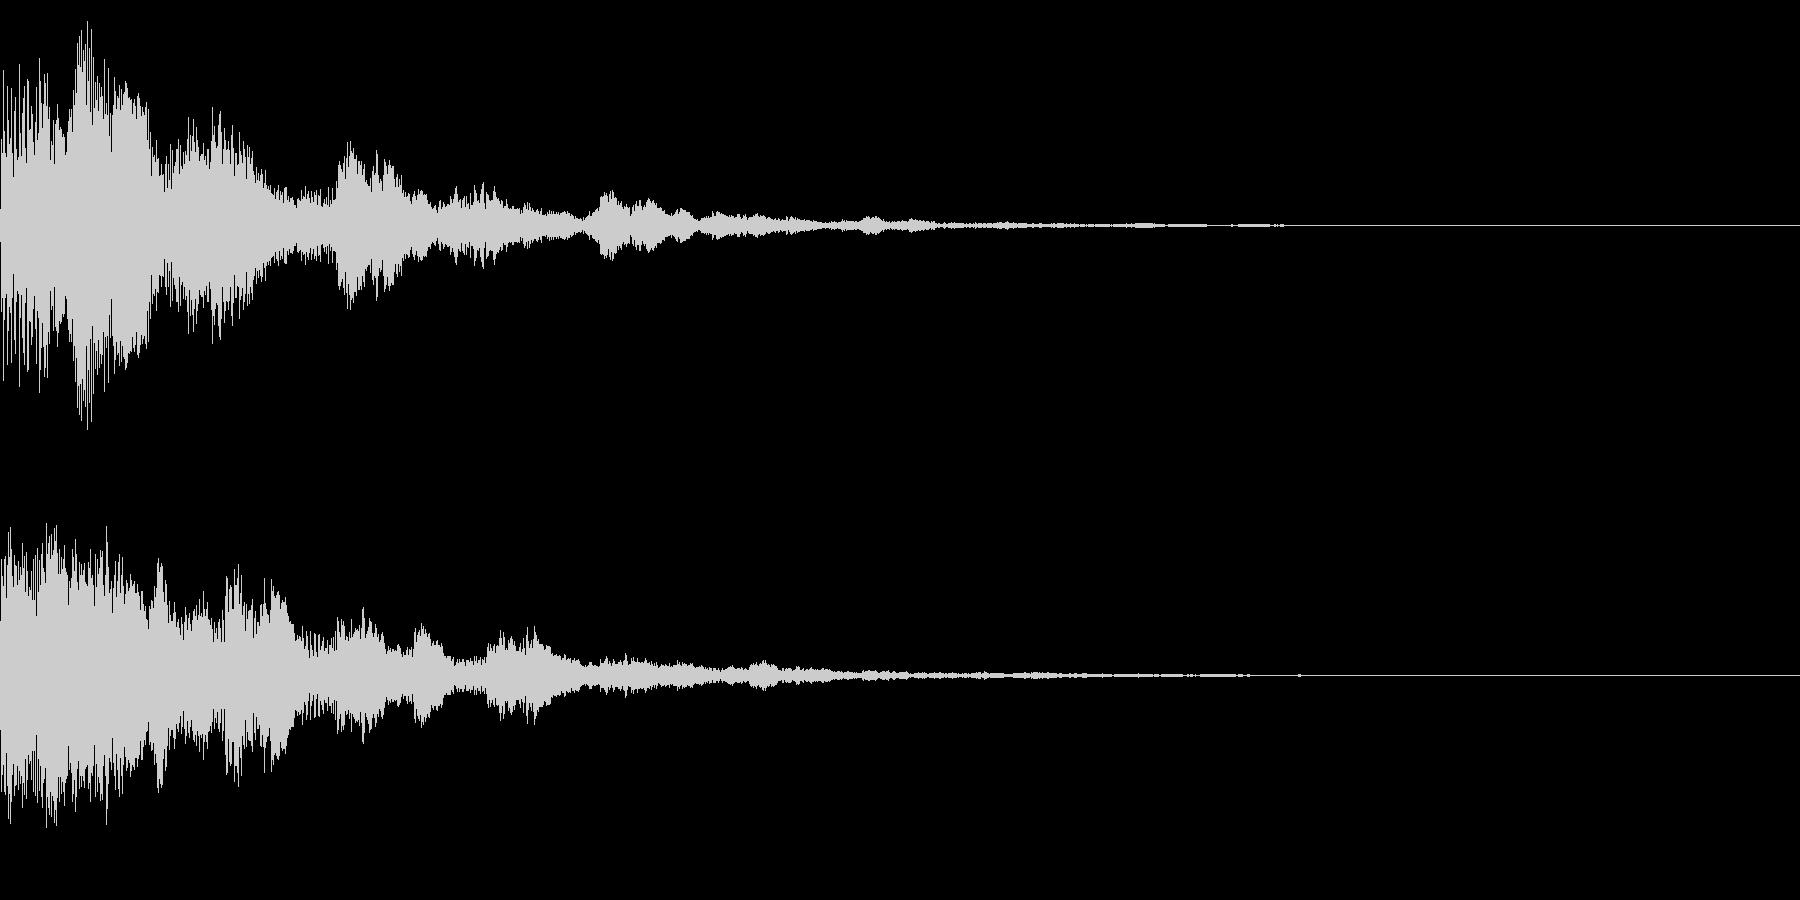 サウンドロゴ33(ベル系)の未再生の波形